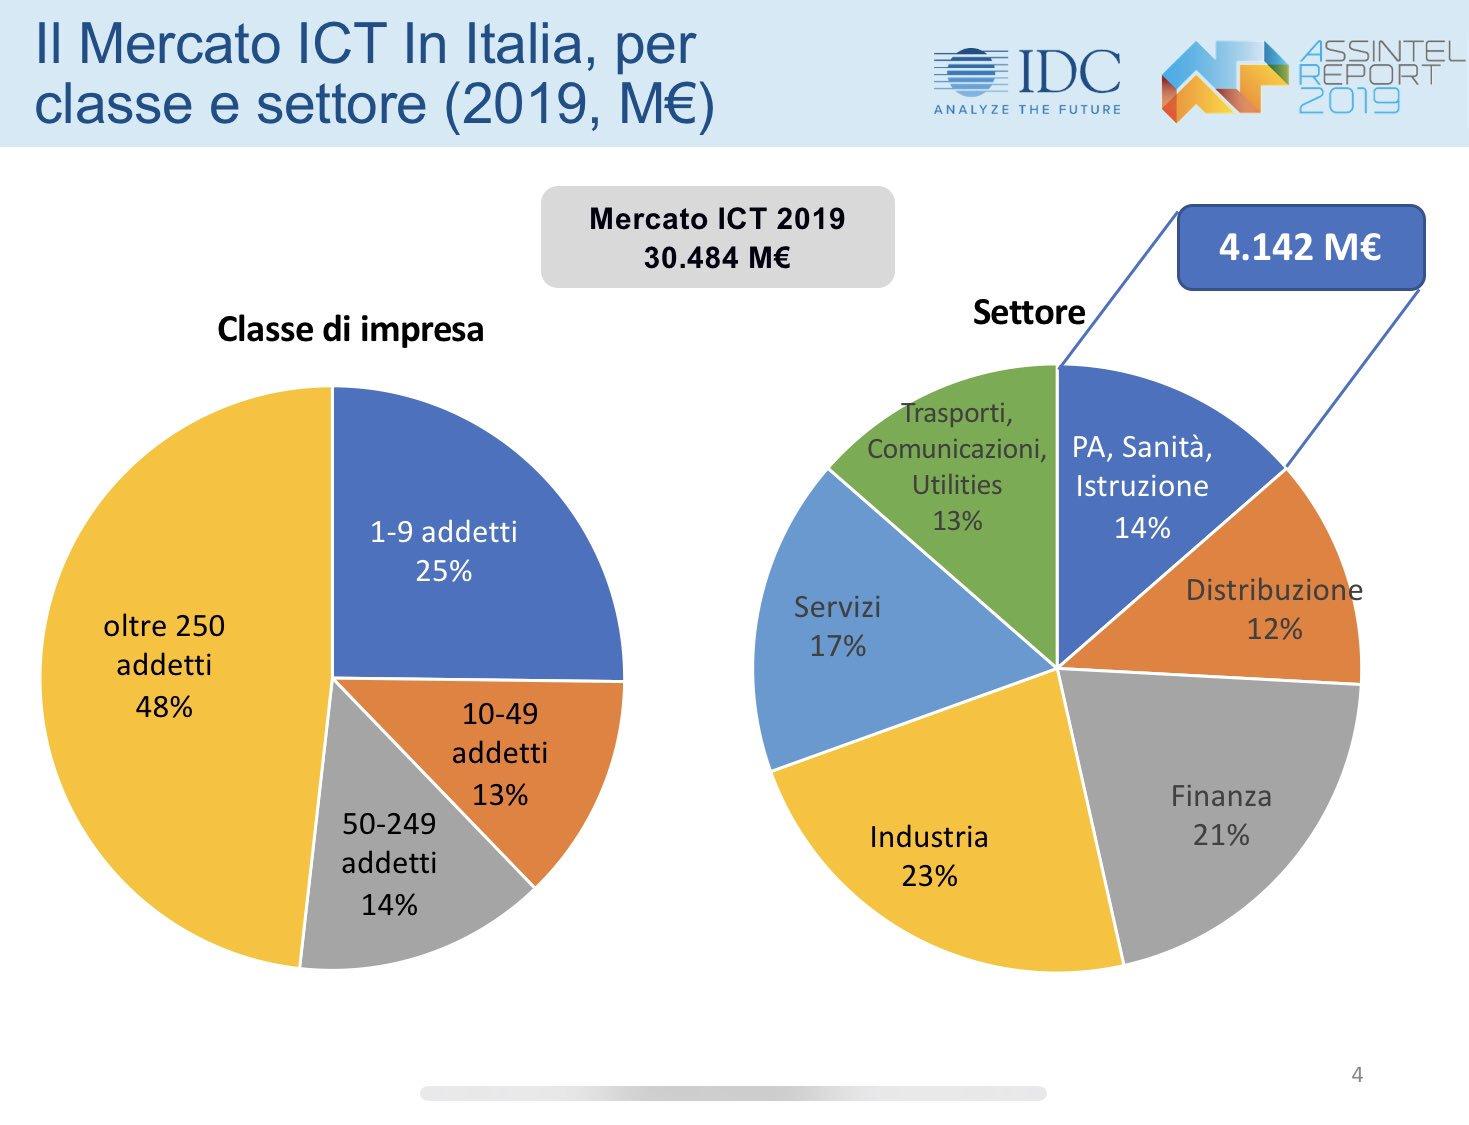 Assintel Report - Mercato ICT - Classe e settore